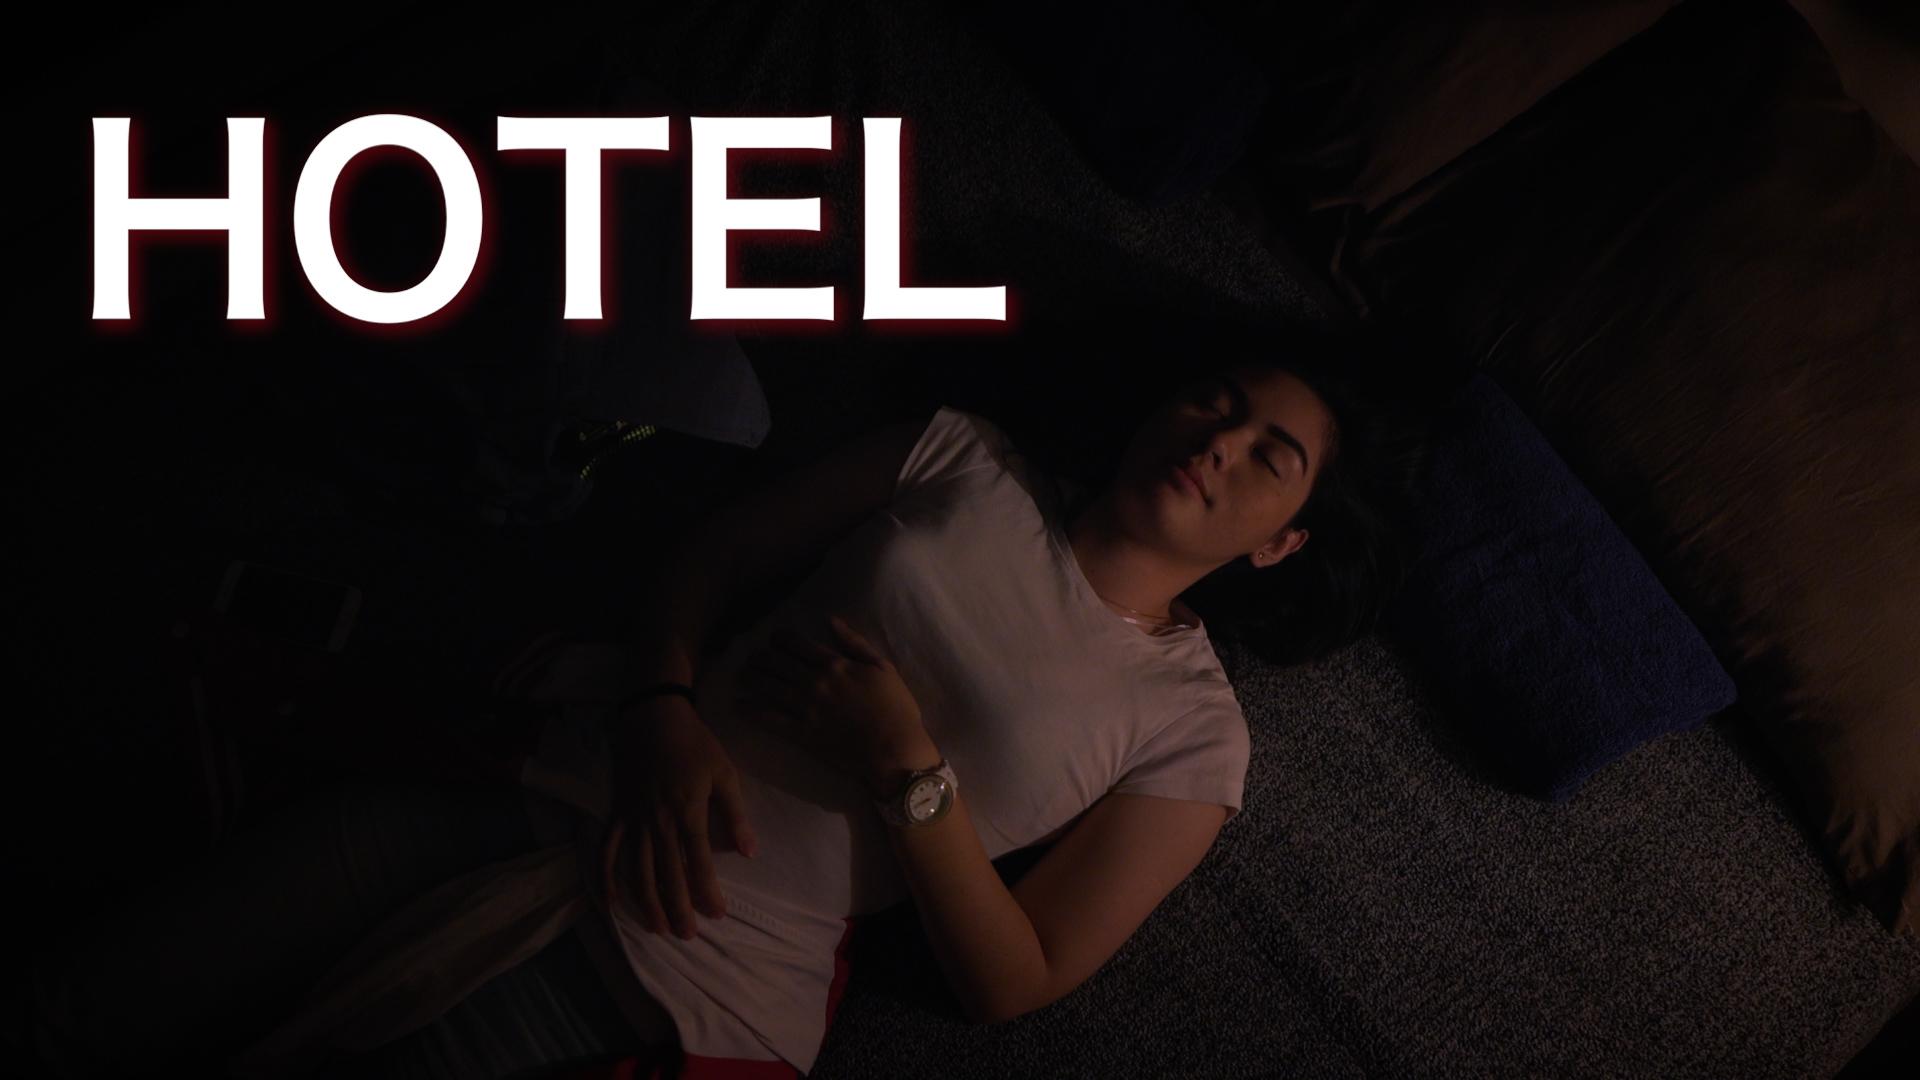 HOTEL hero shot 2.jpg